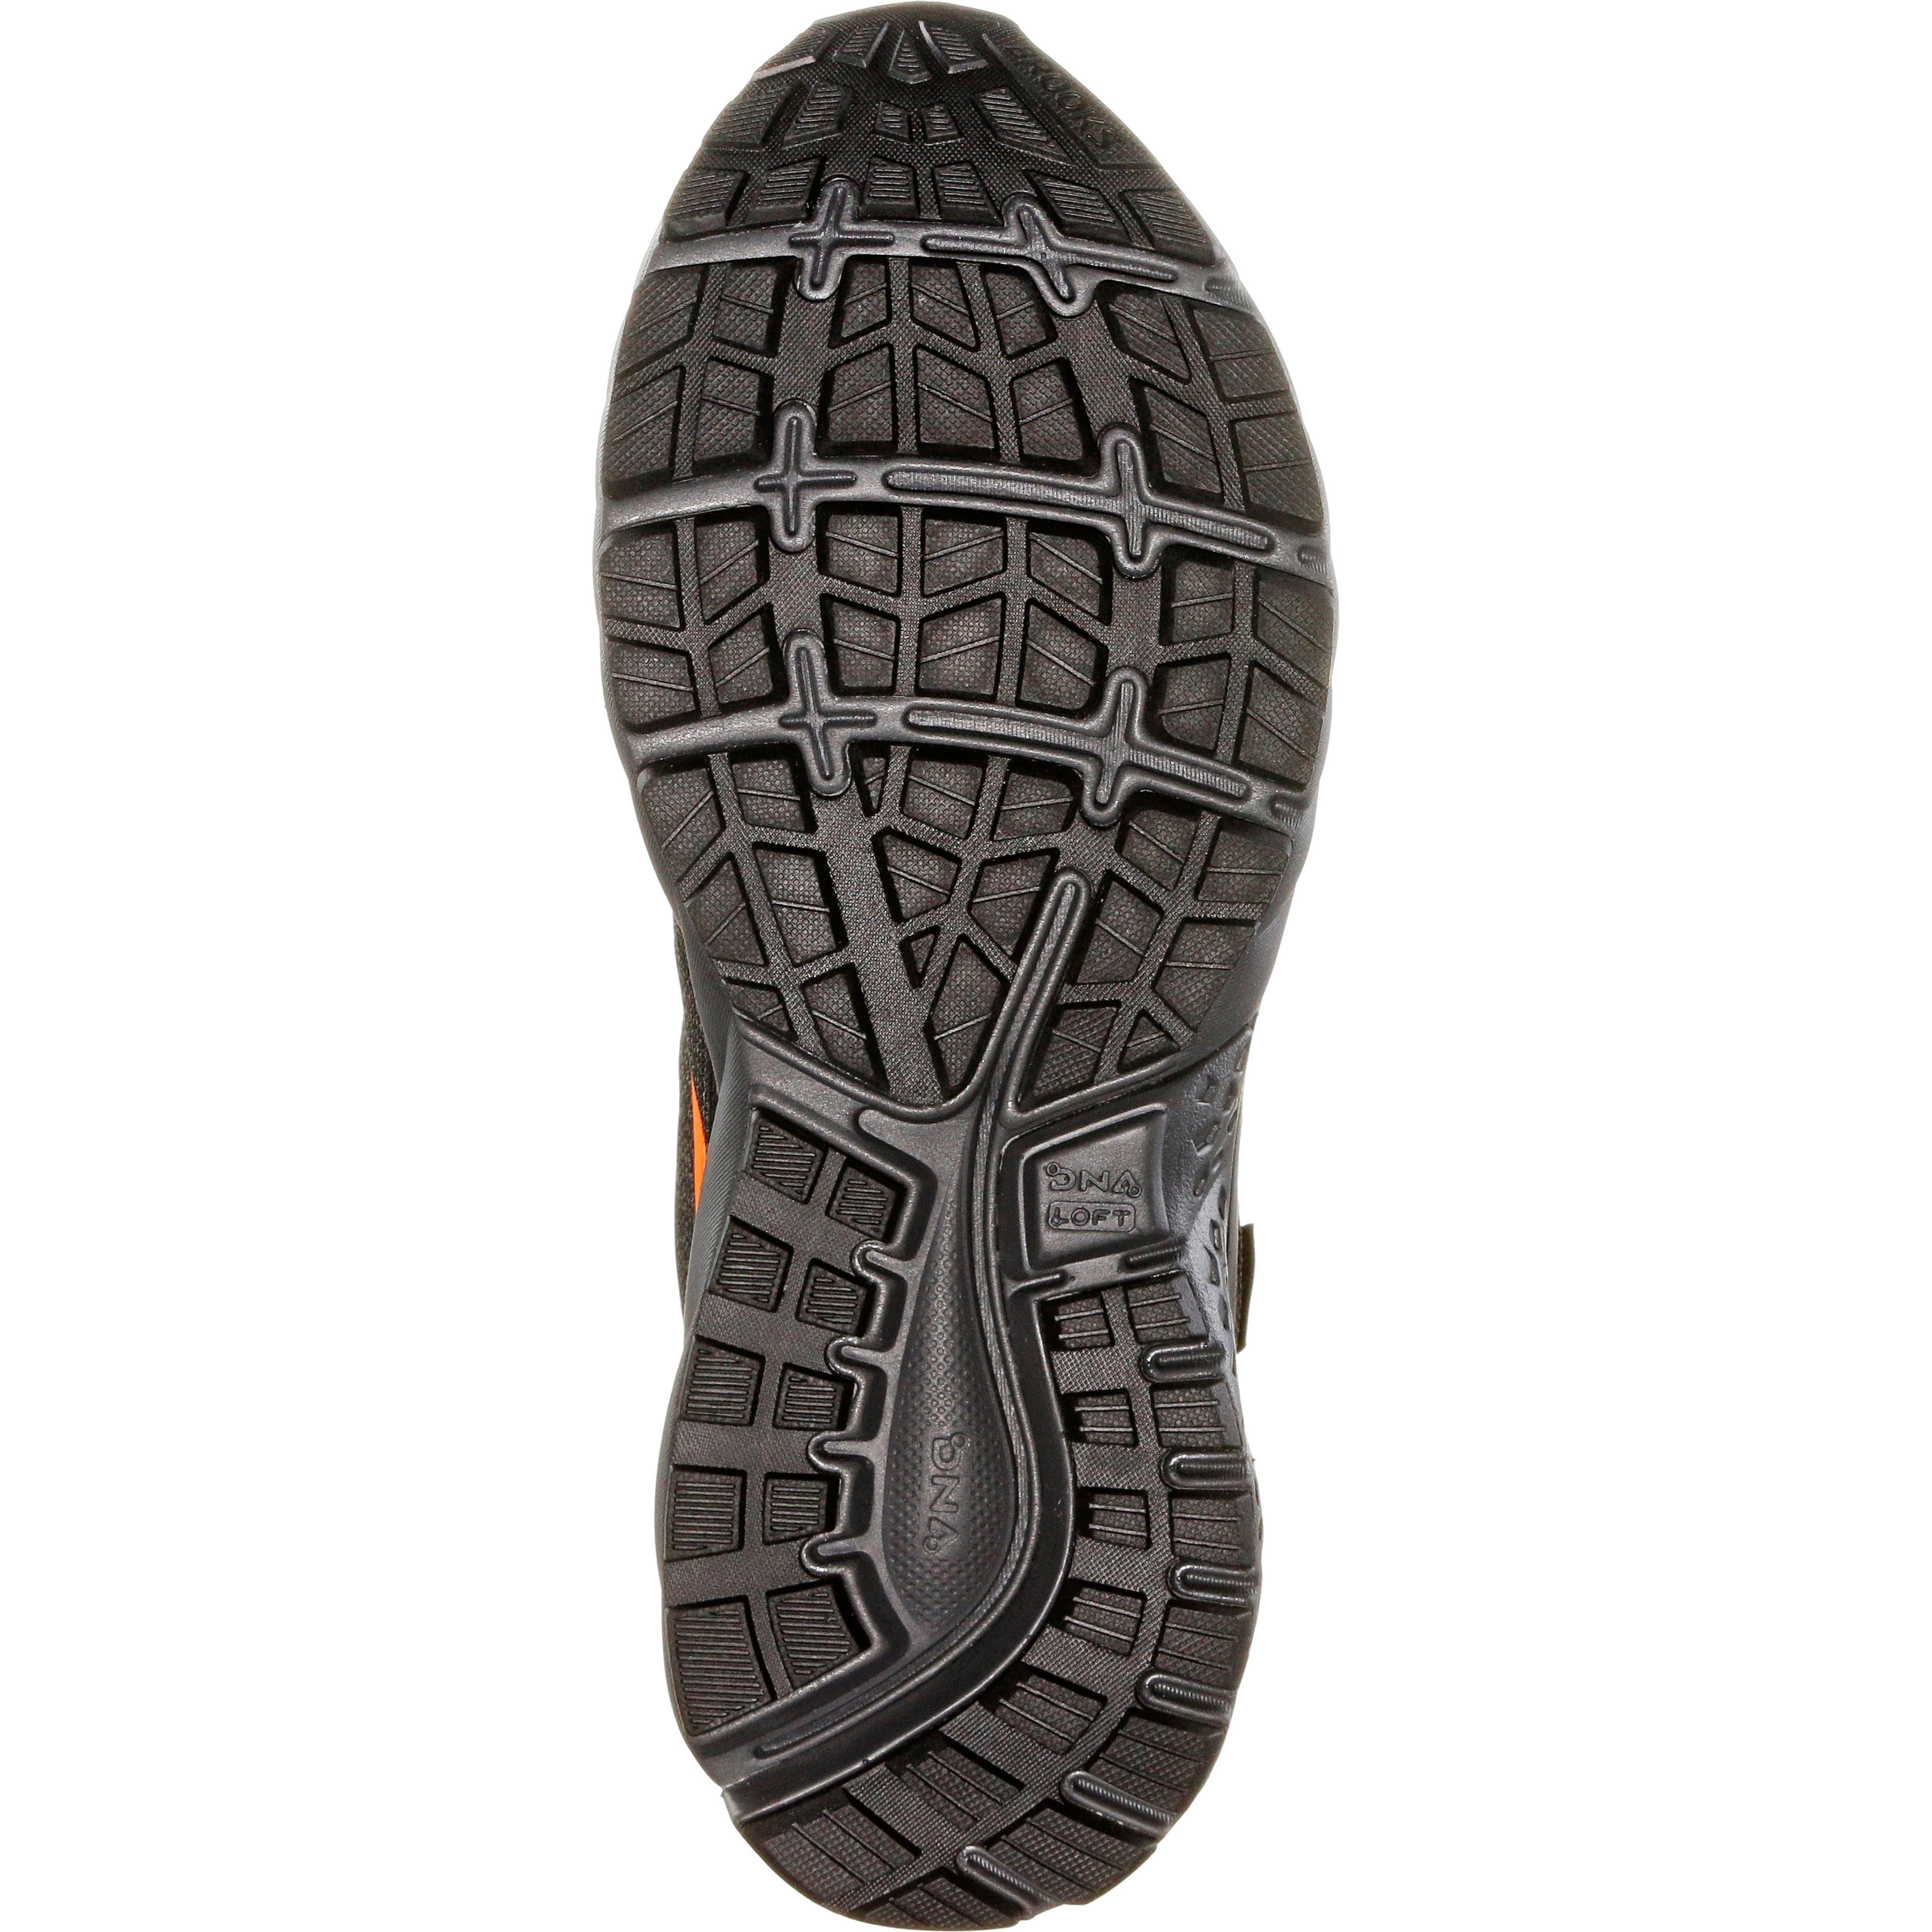 Brooks Ghost11 GTX GTX GTX Laufschuhe Herren schwarz-Orange-ebony im Online Shop von SportScheck kaufen Gute Qualität beliebte Schuhe 53ab3b